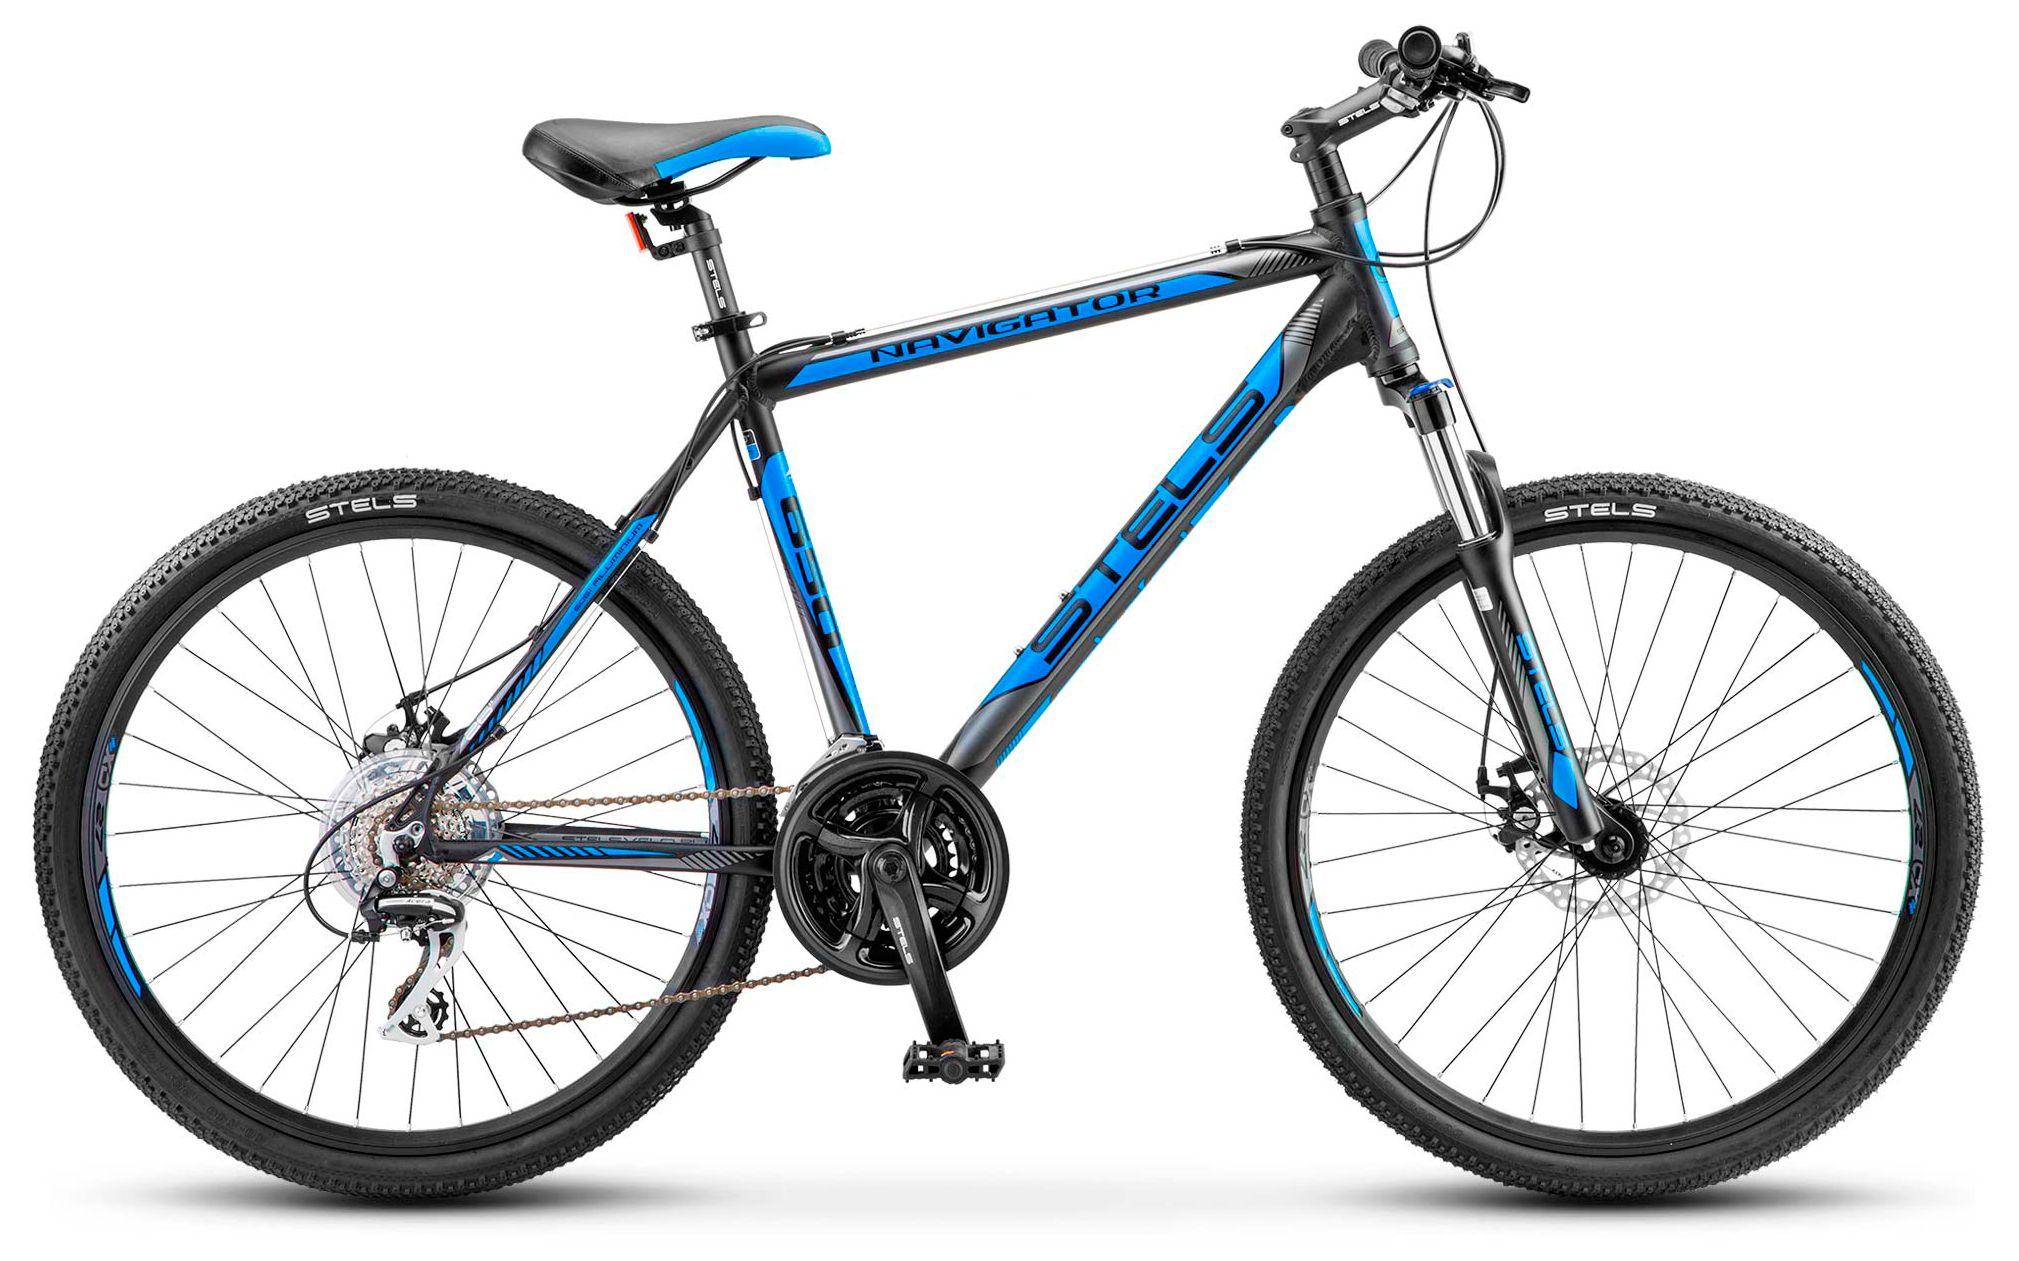 Велосипед Stels Navigator-650 MD 26 (V030) 2017 велосипед stels navigator 600 md 26 2017